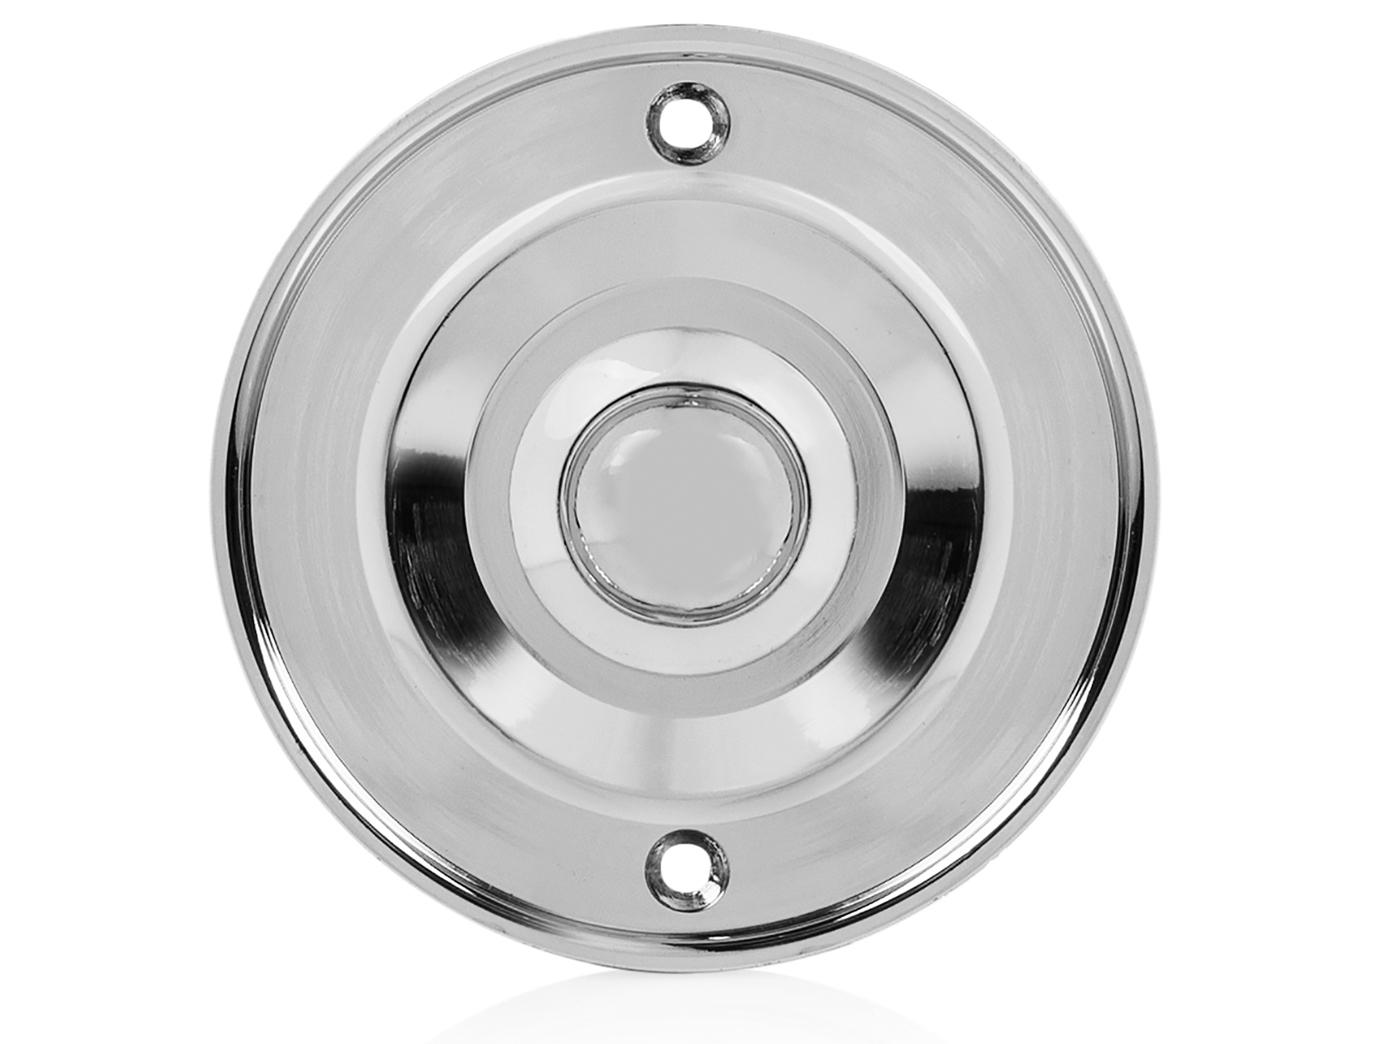 Klingeltaster rund Klingelplatte Runder Klingelknopf Messing klassisches Design